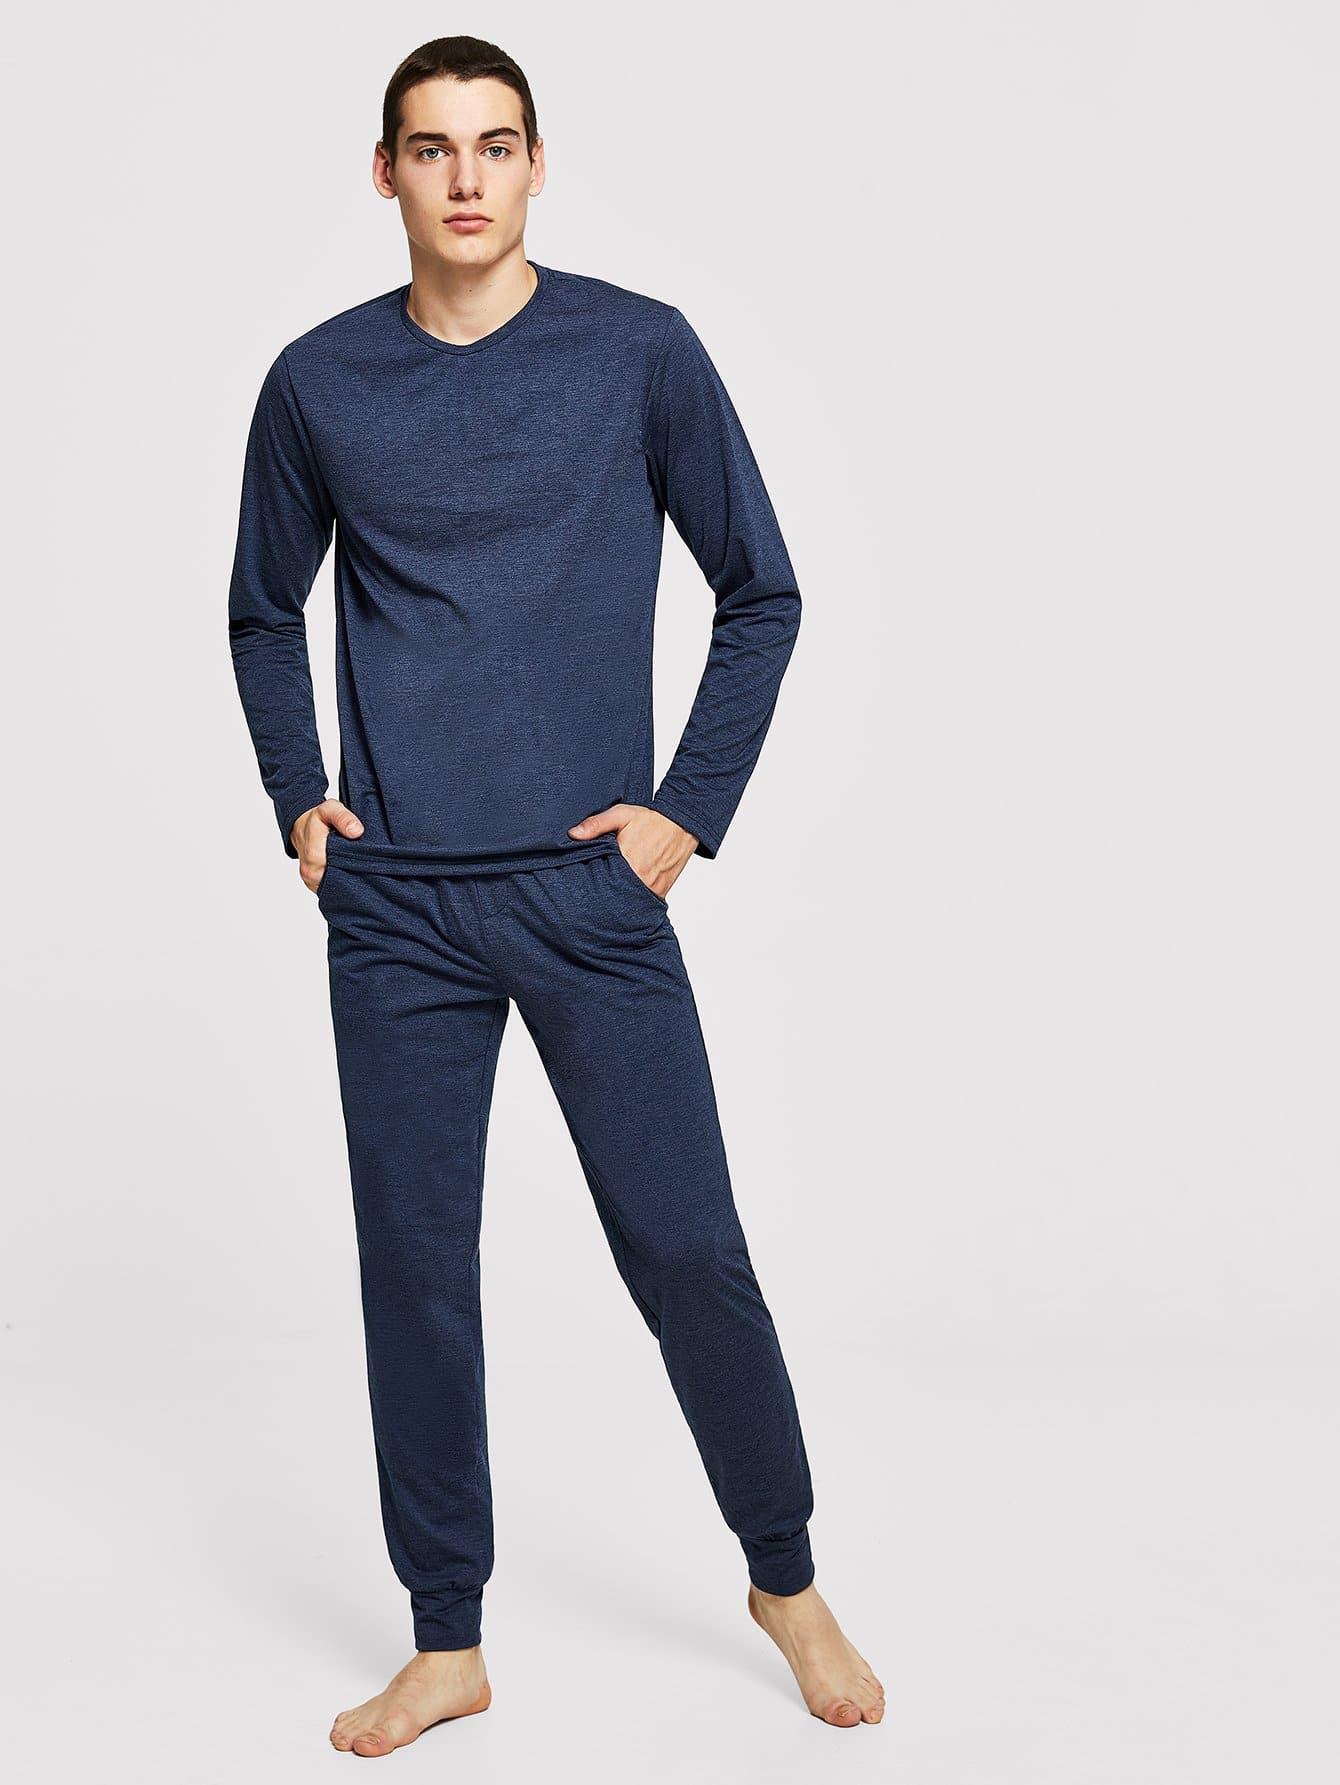 Фото - Для мужчин одноцветные туника пижамы комплект от SheIn цвет тёмно-синие